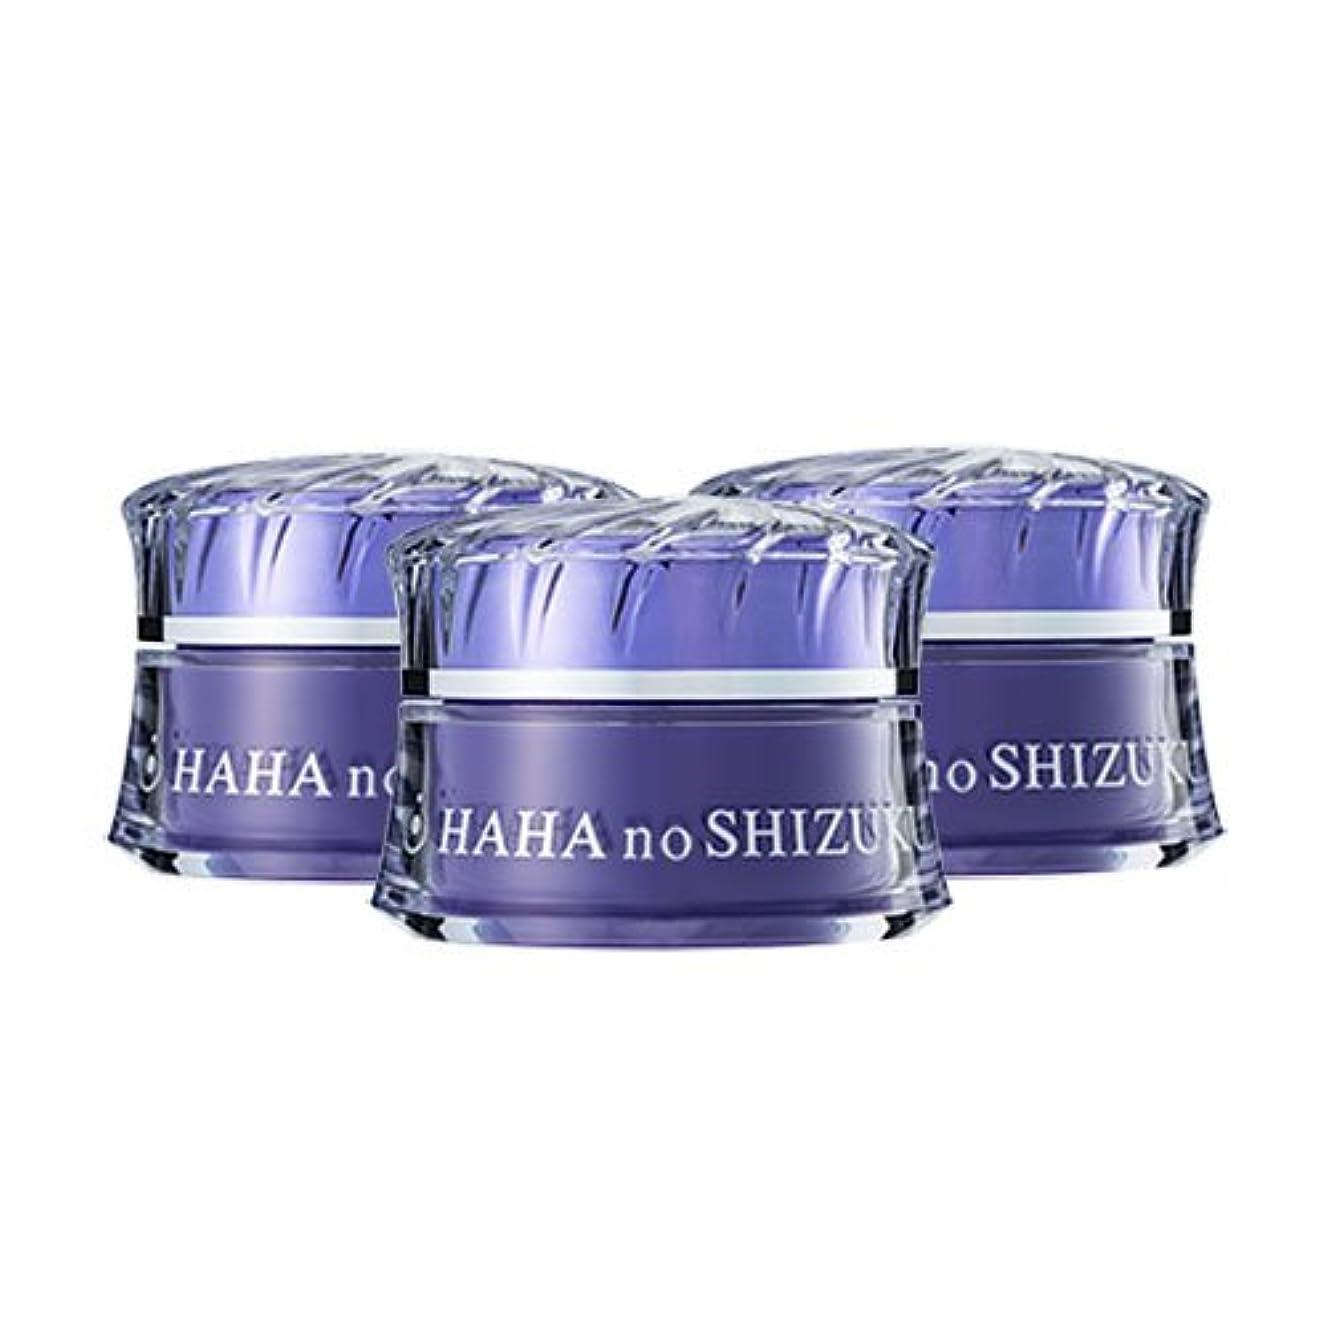 焦げ耐えられる技術母の滴 プラセンタクリーム 3個セット 高濃度サラブレッドプラセンタ 配合 (32g×3個) プラセンタエキス サイタイエキス ヒアルロン酸